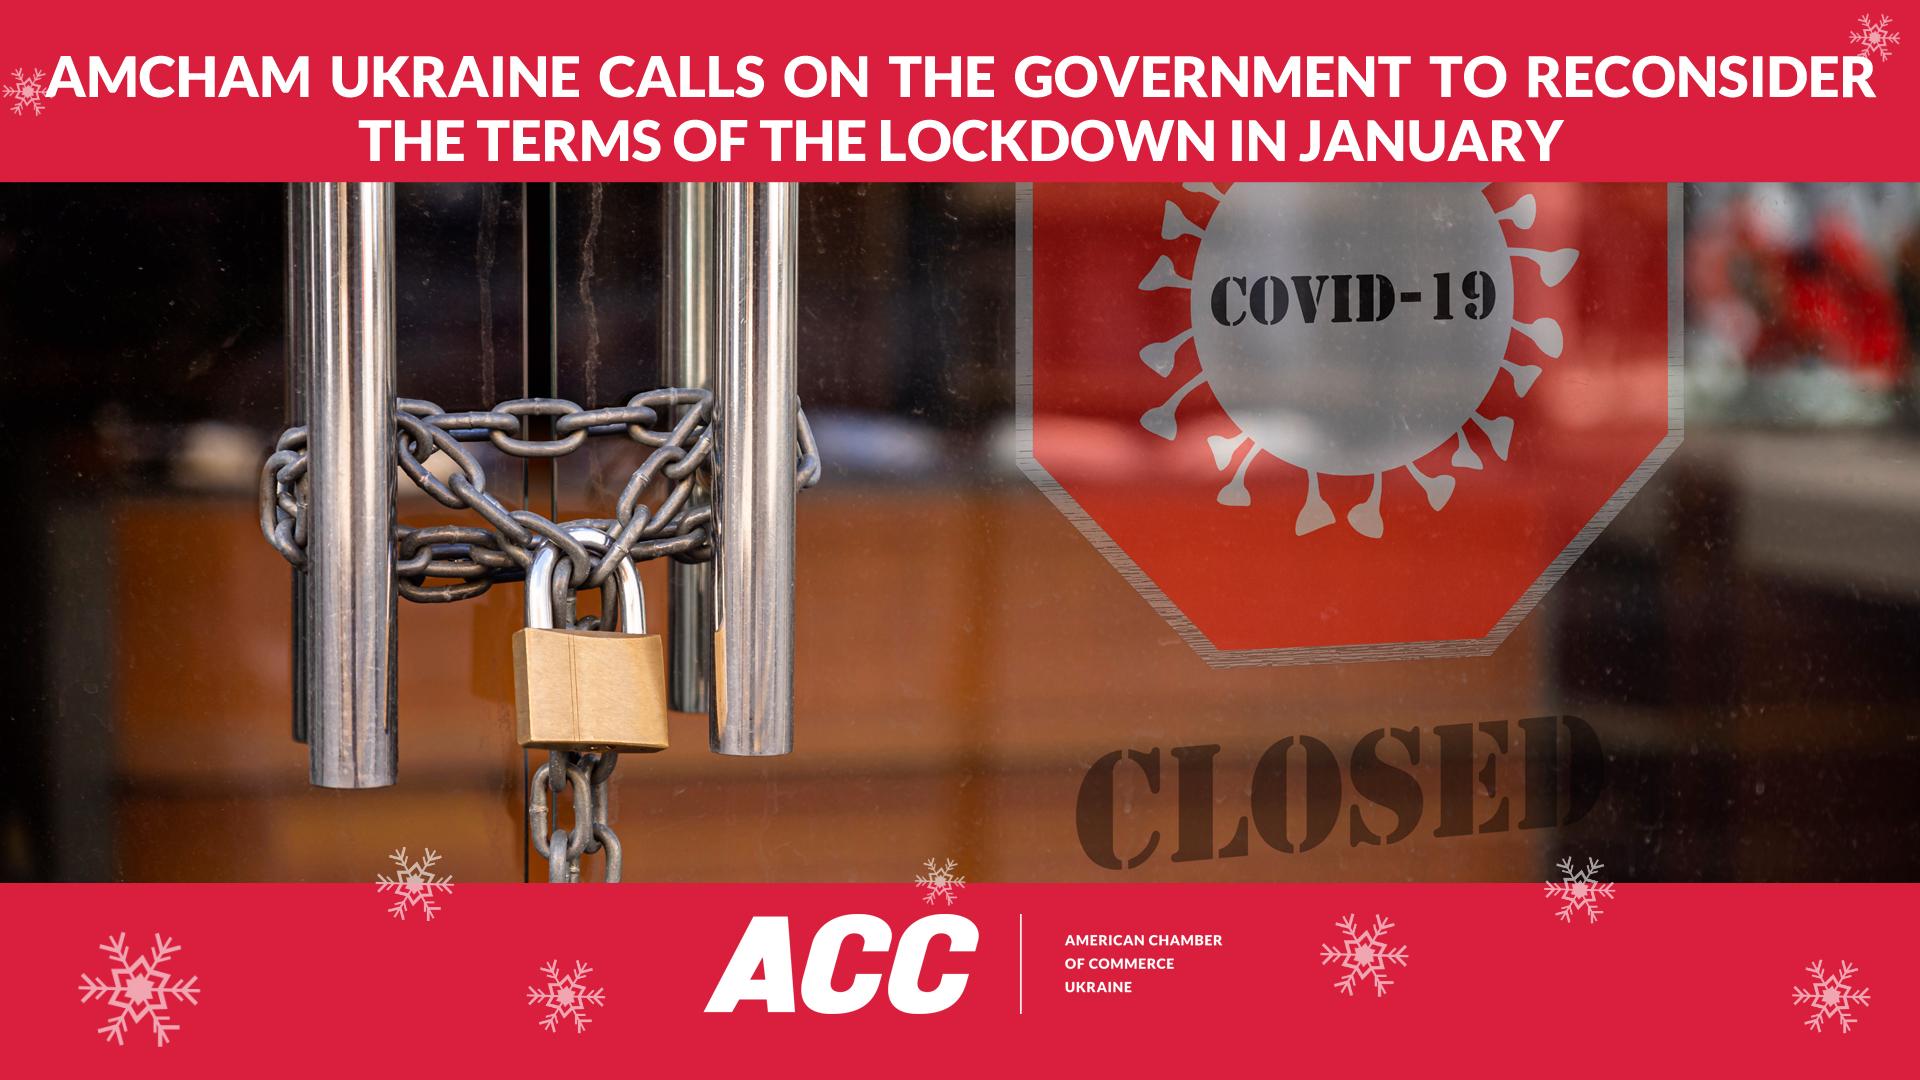 Американська торговельна палата в Україні закликає Уряд переглянути умови січневого локдауну